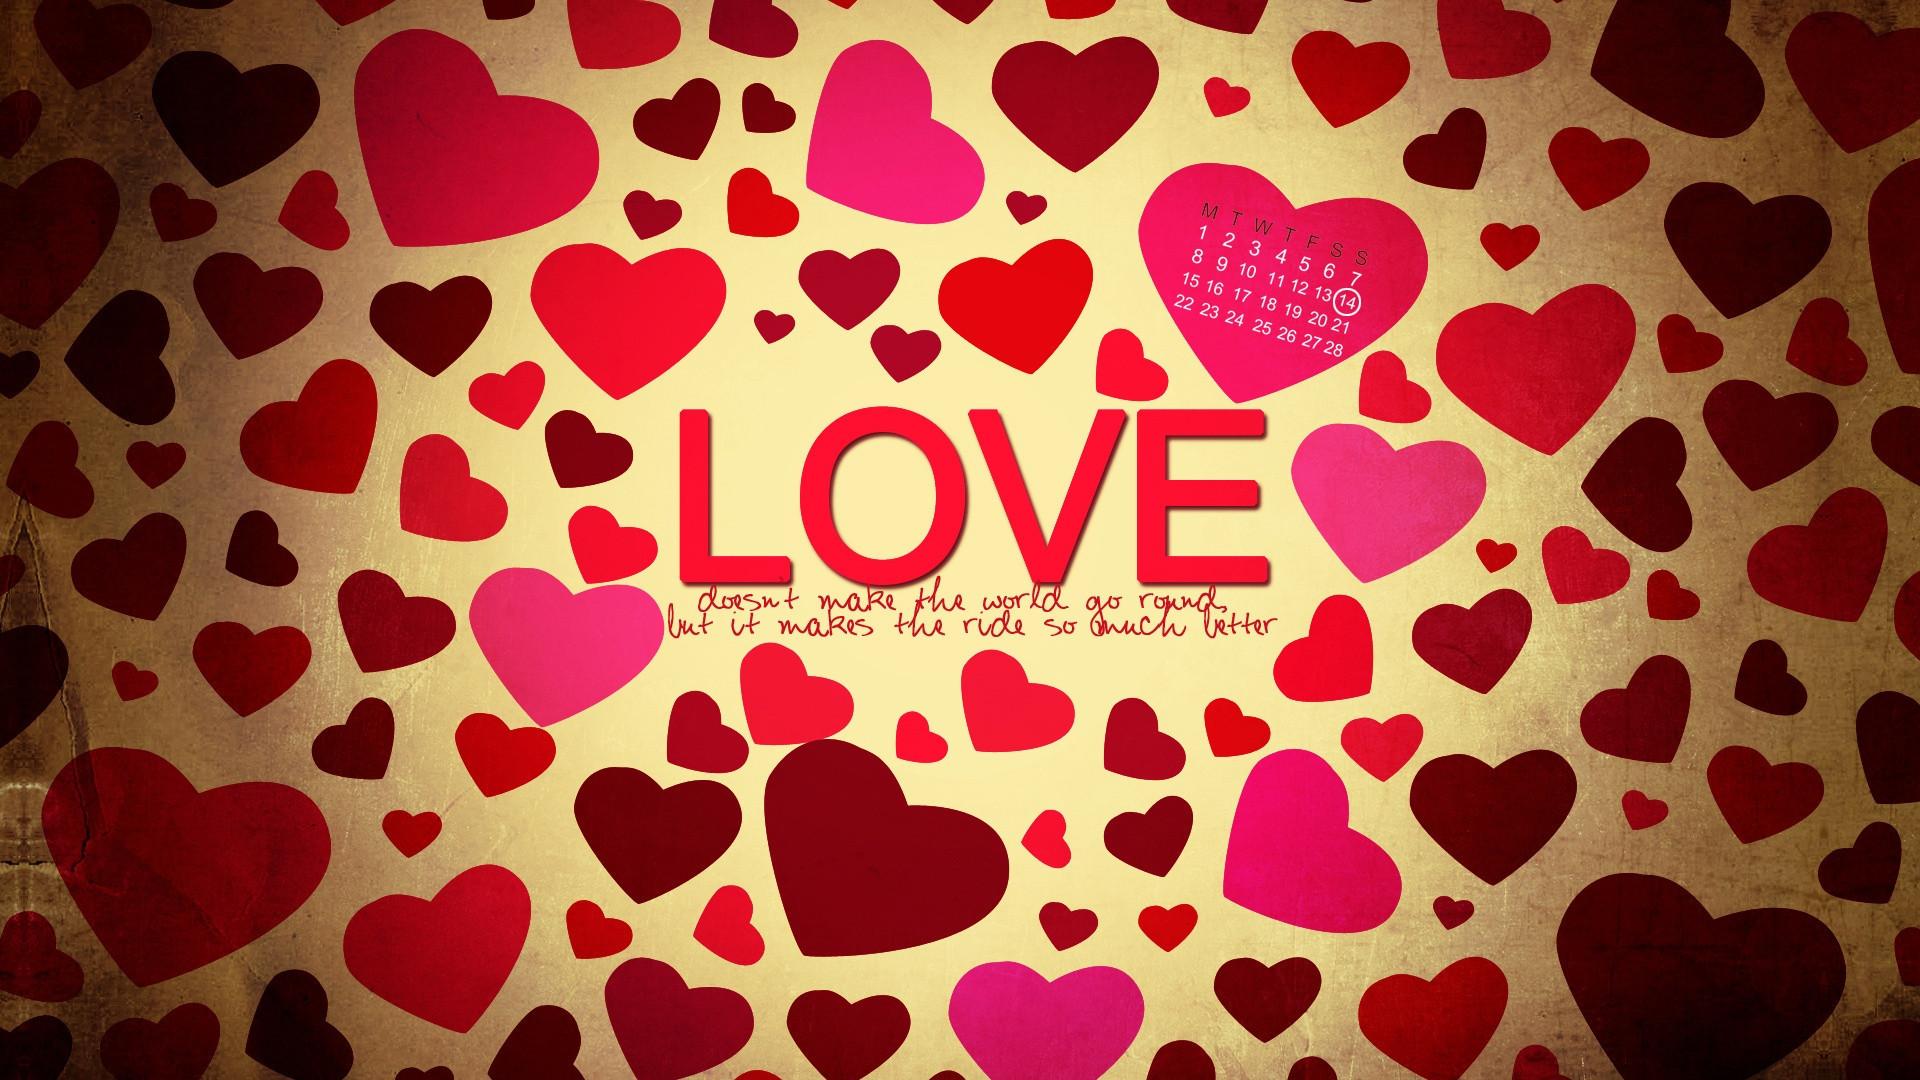 Love U Images Wallpaper 66 Images